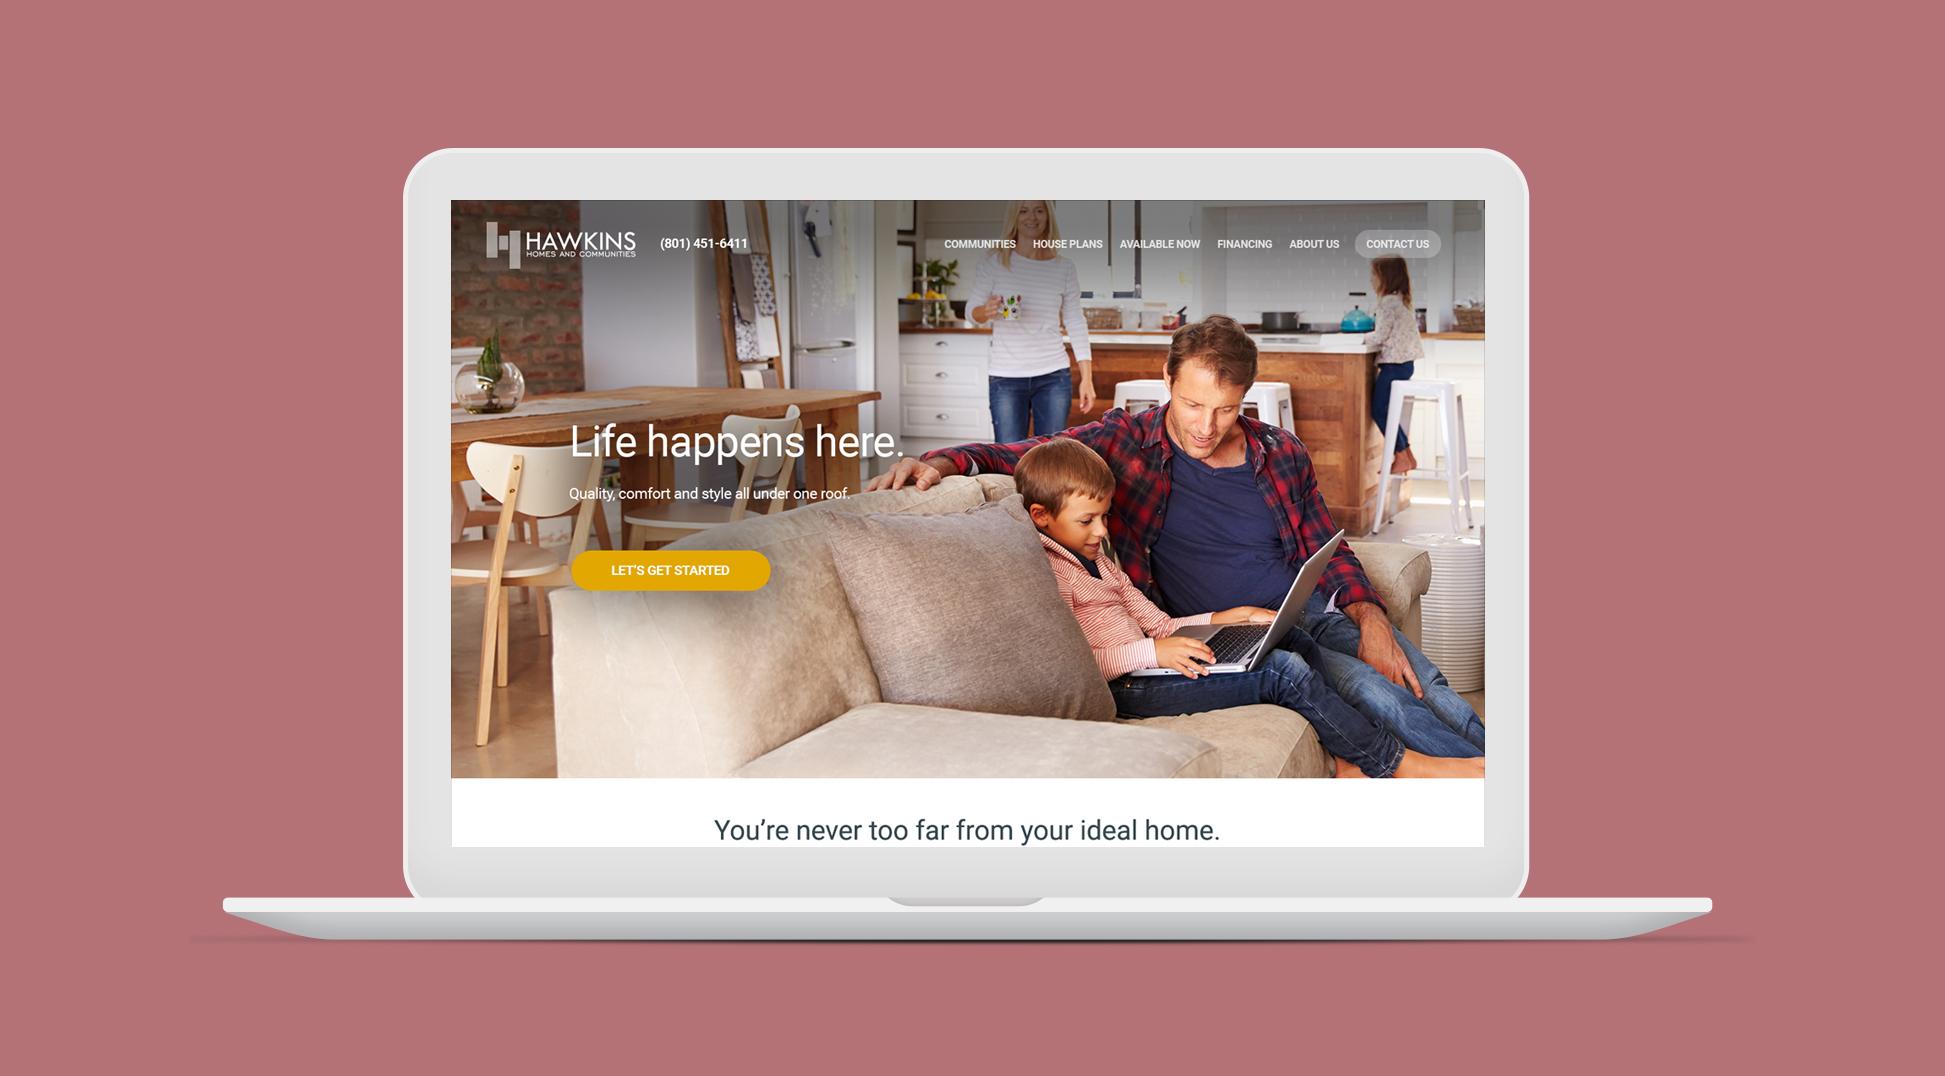 Hawkins Homes website homepage on laptop